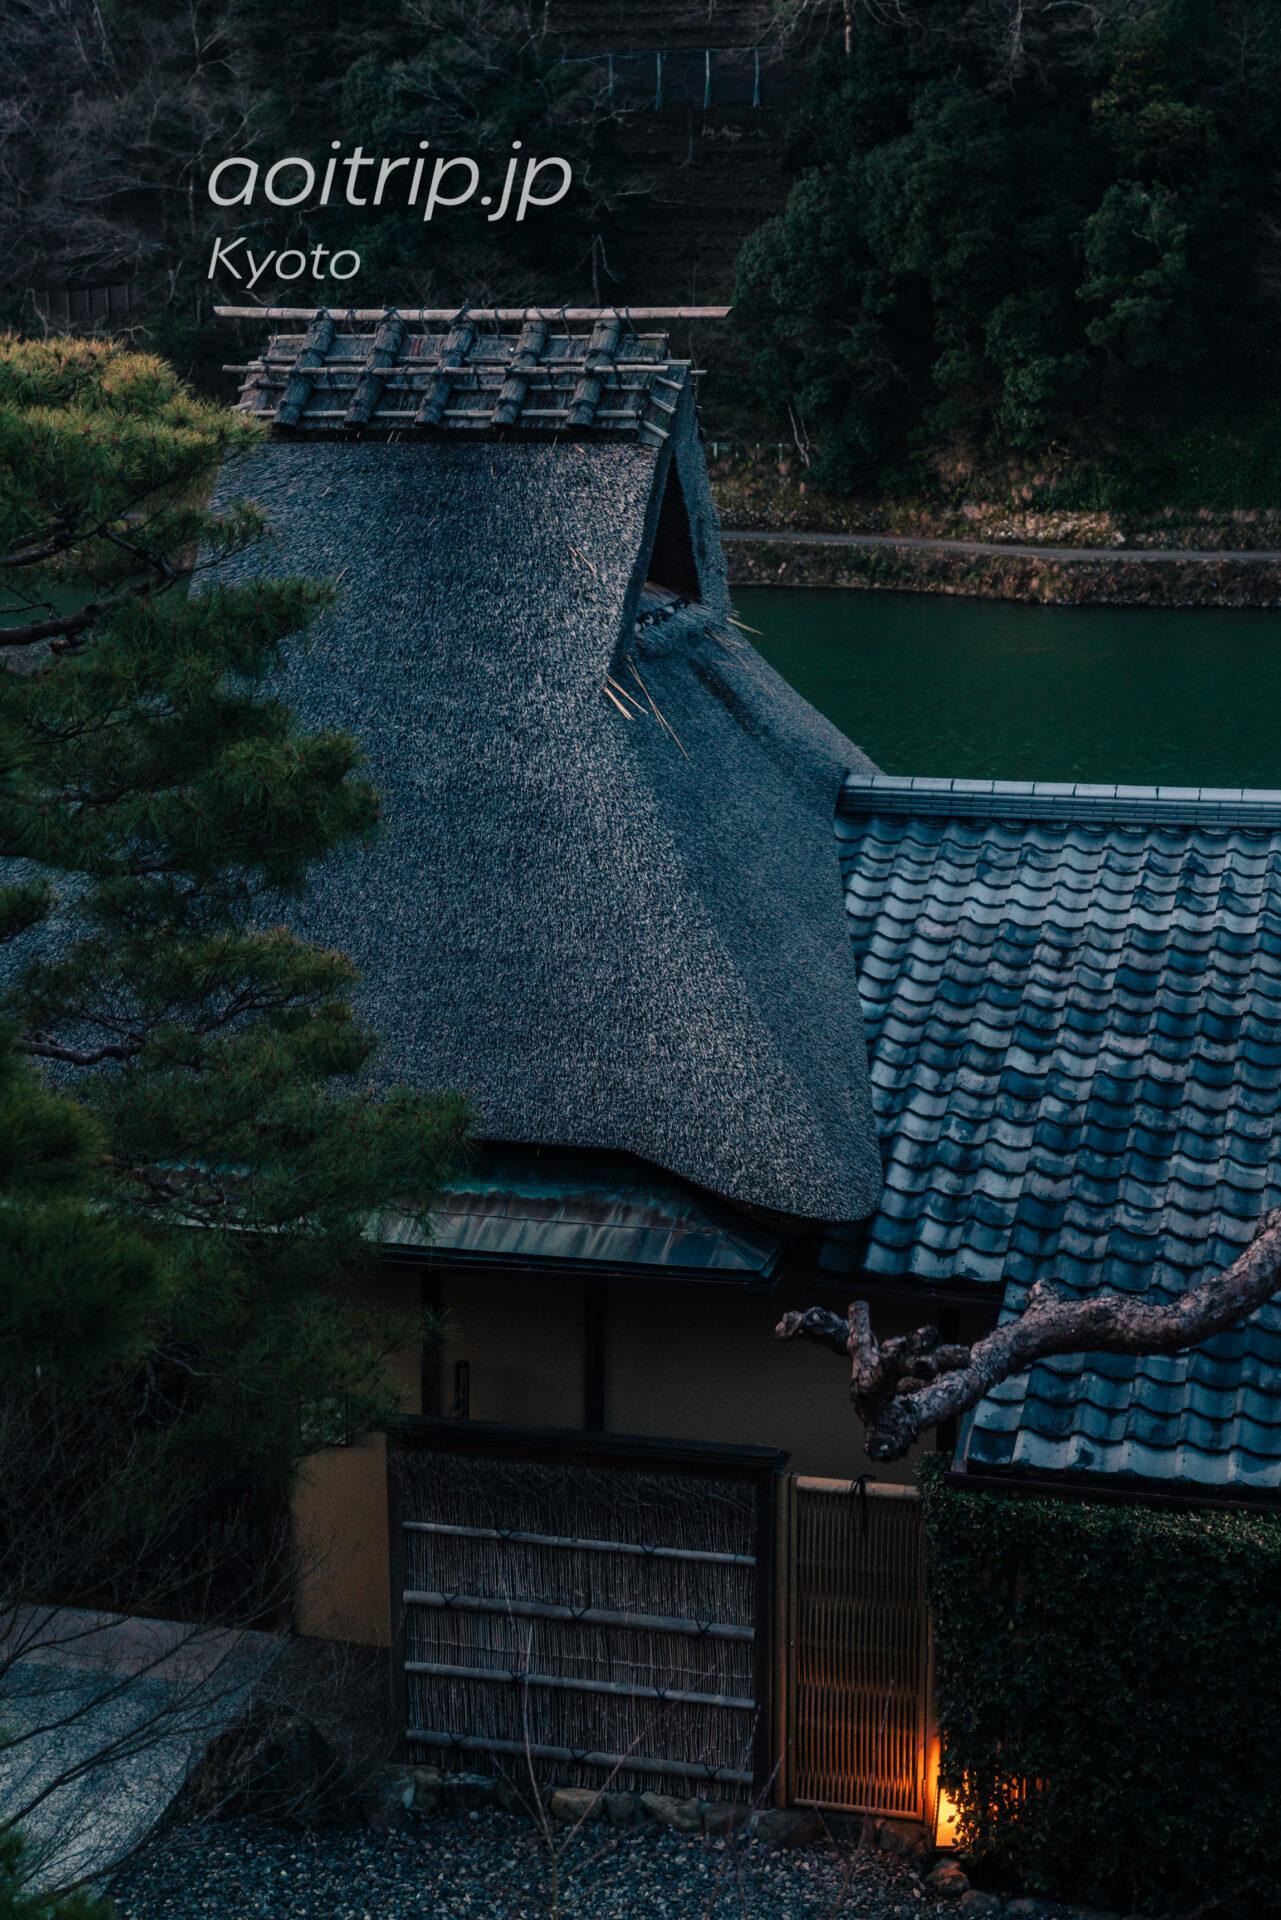 翠嵐ラグジュアリーコレクション京都のプルデンシャルスイートから望む茶寮八翠